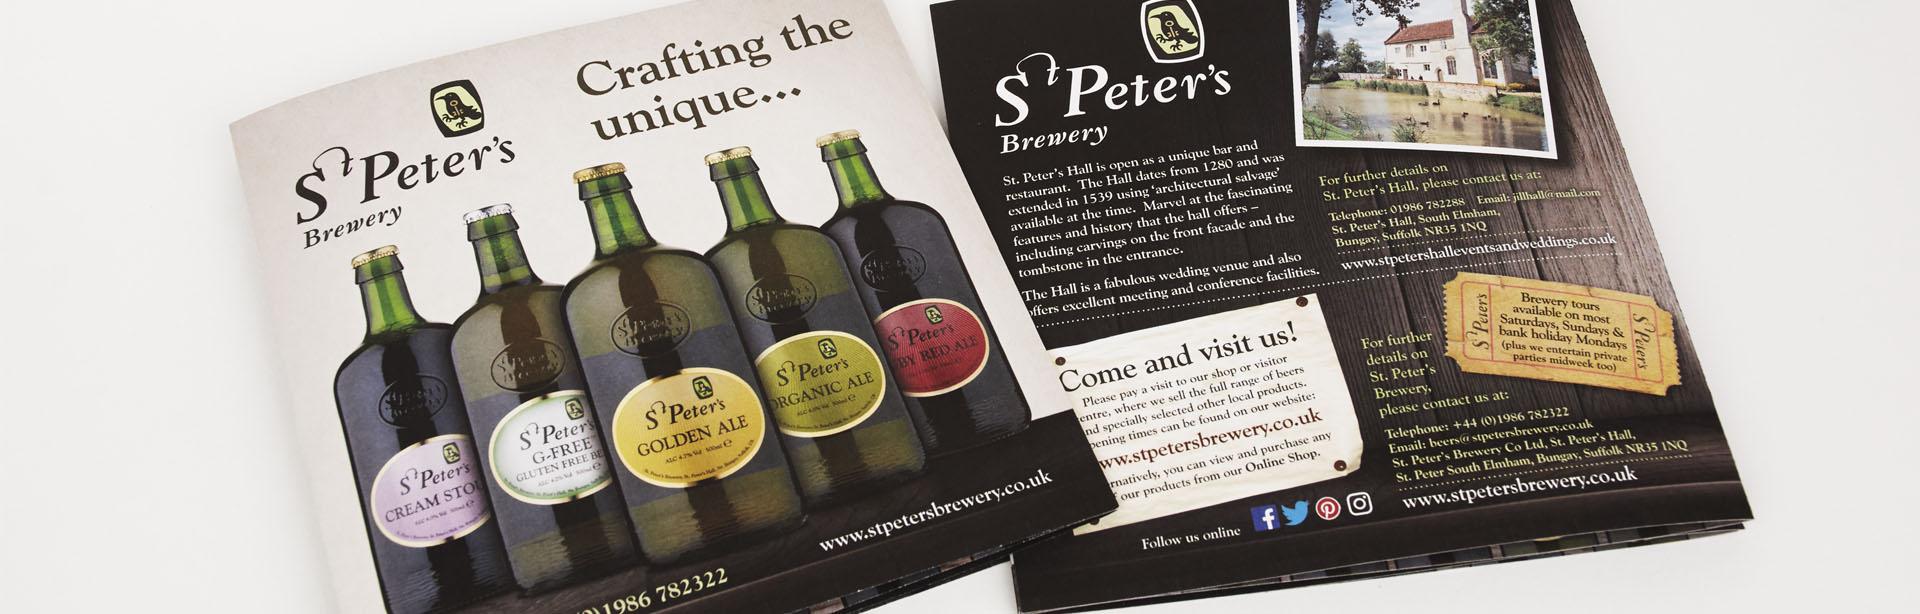 St Peter's Brewery, Suffolk - brochure design